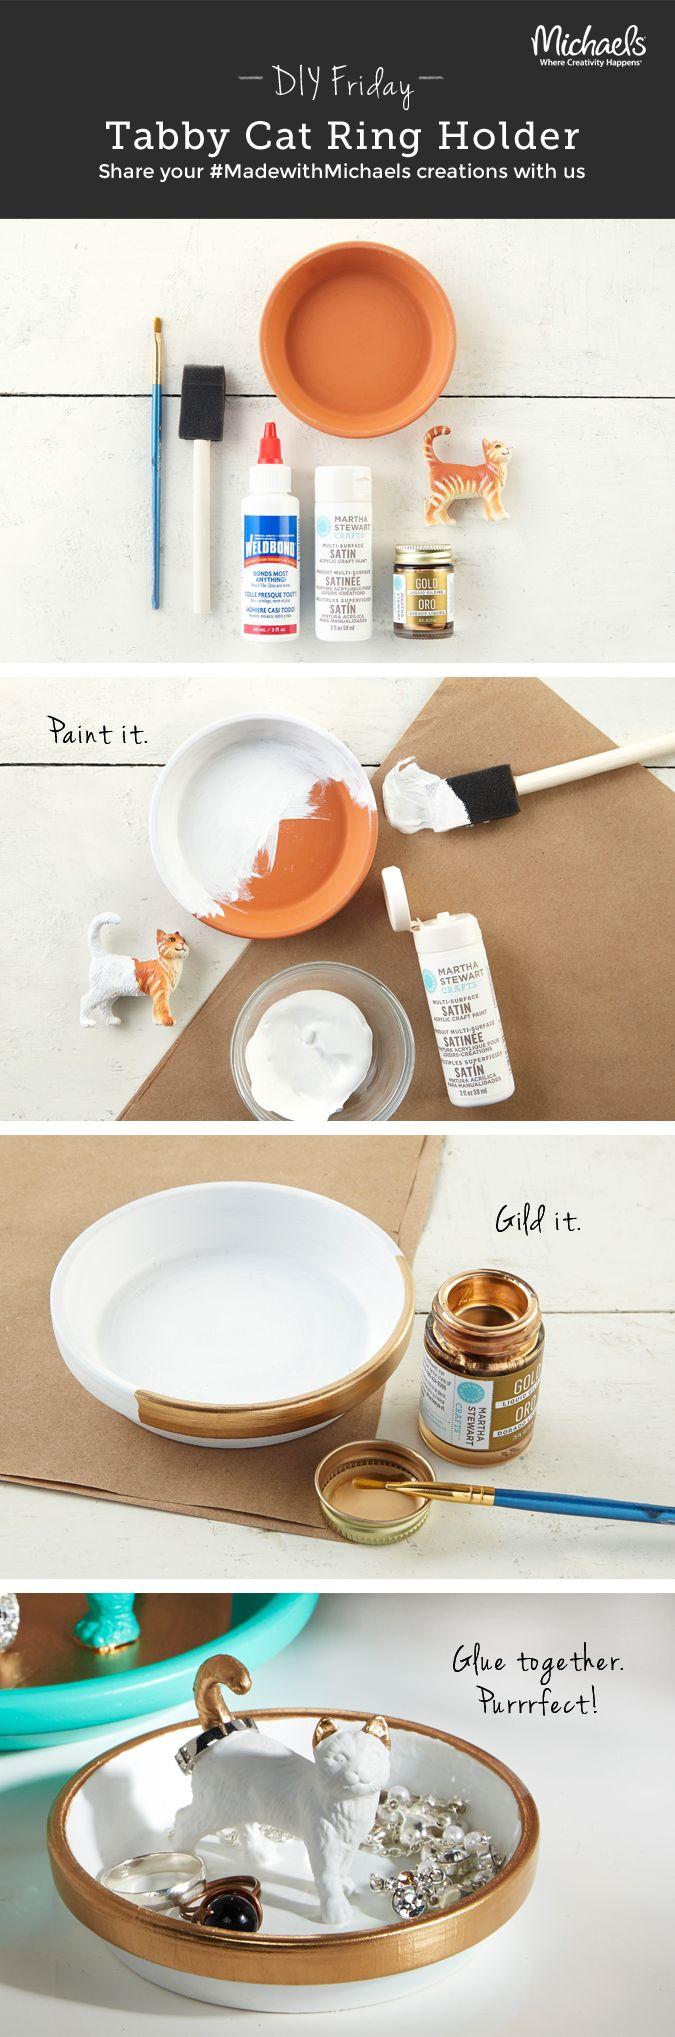 DIYFriday DIY Tabby Cat Ring Holder #DIY #crafts